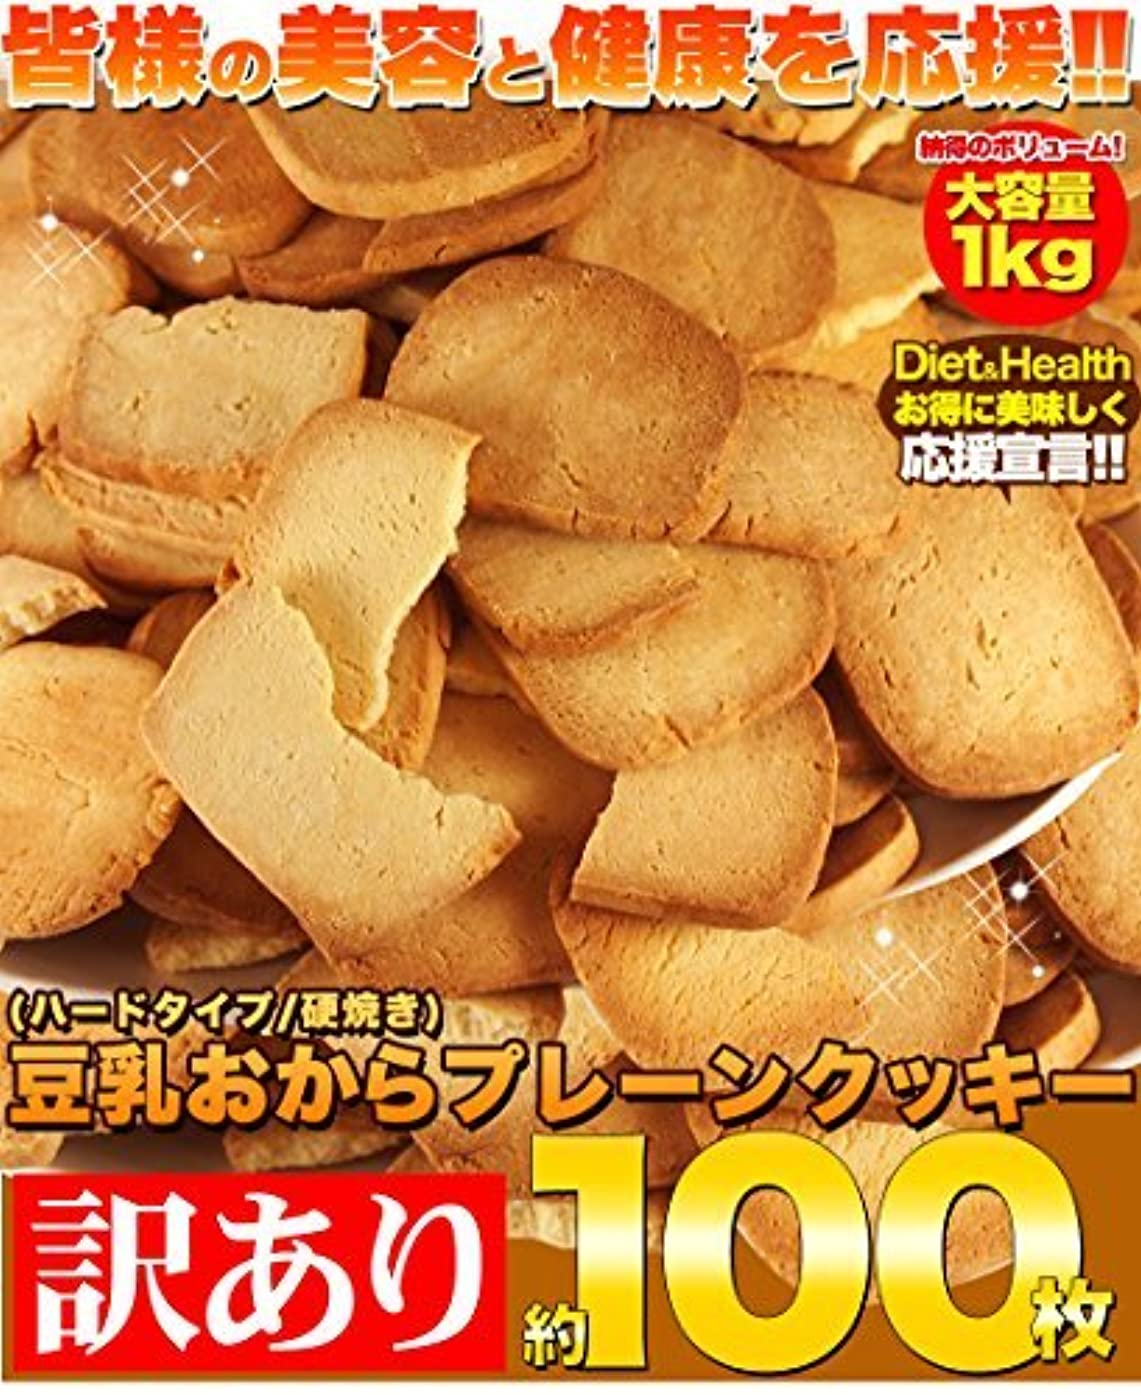 非効率的な伝染性の抵抗するアレンジ次第でダイエットが楽しくなる!プレーンタイプの豆乳おからクッキーが約100枚入って1kg入り!  業界最安値に挑戦!【訳あり】固焼き☆豆乳おからクッキープレーン約100枚1kg?常温?